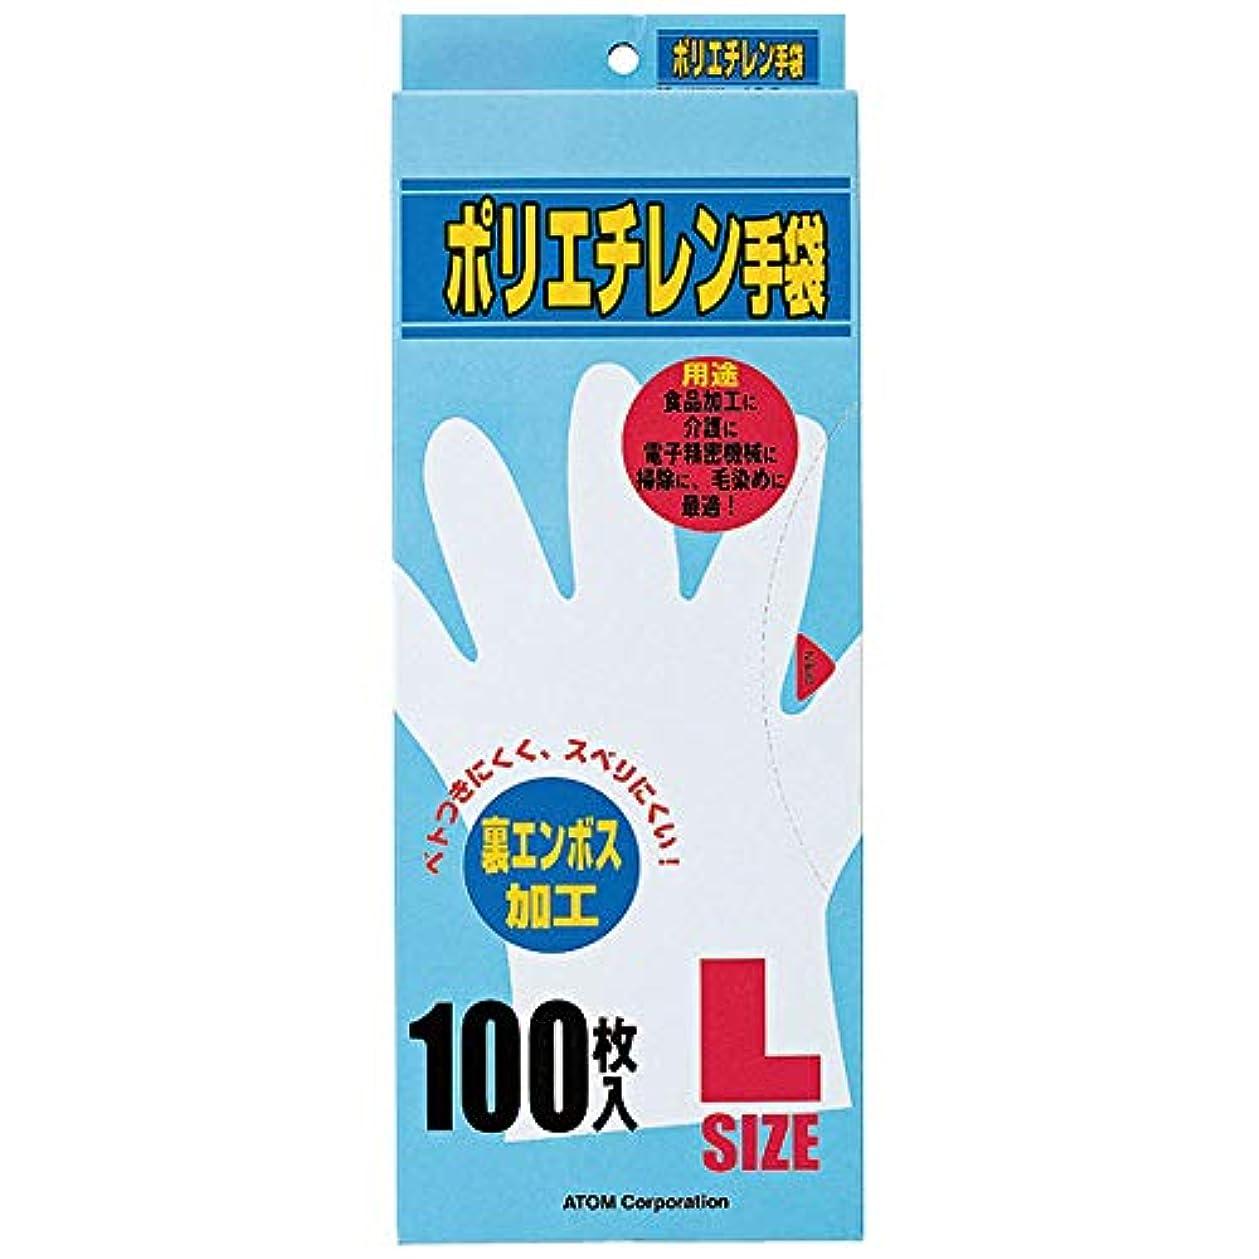 判読できない漂流テセウスアトム ポリエチレン手袋 1720-100-L 5箱(500枚)